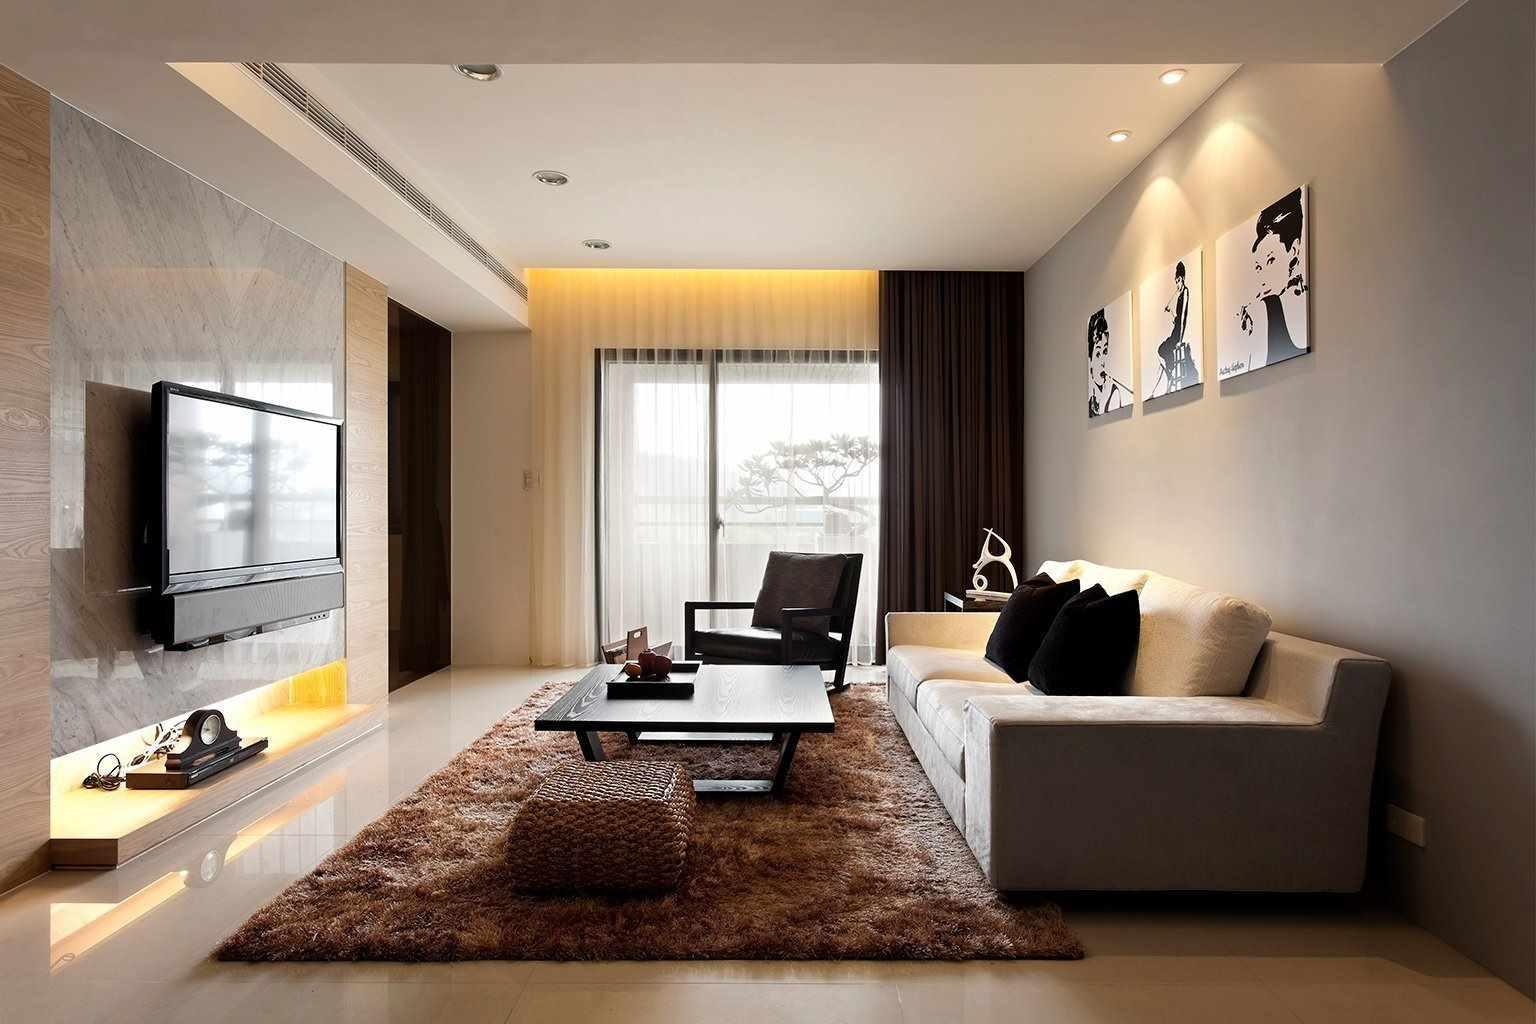 пример применения необычного дизайна гостиной комнаты в стиле минимализм